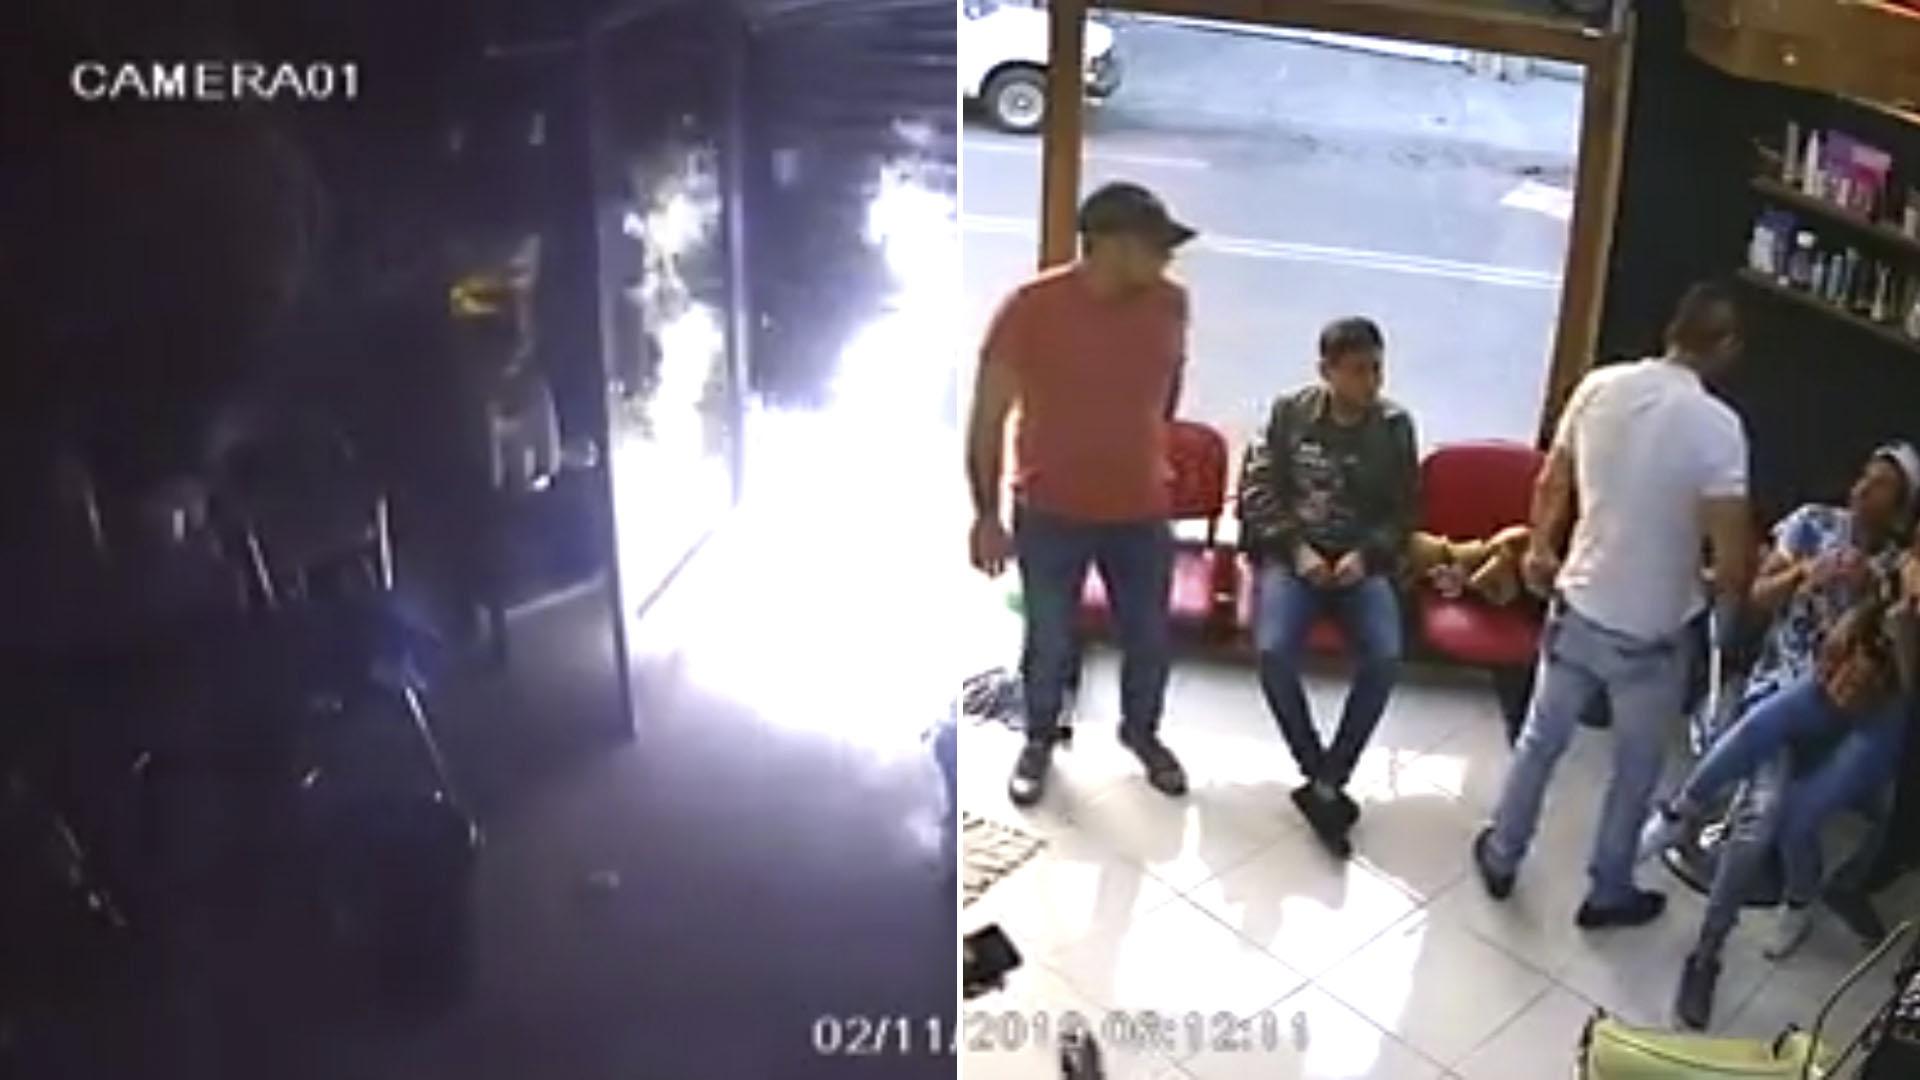 Los asaltos en la Ciudad de México han ido en aumento. Nadie se salva, ni los locales comerciales (Foto: captura de pantalla)